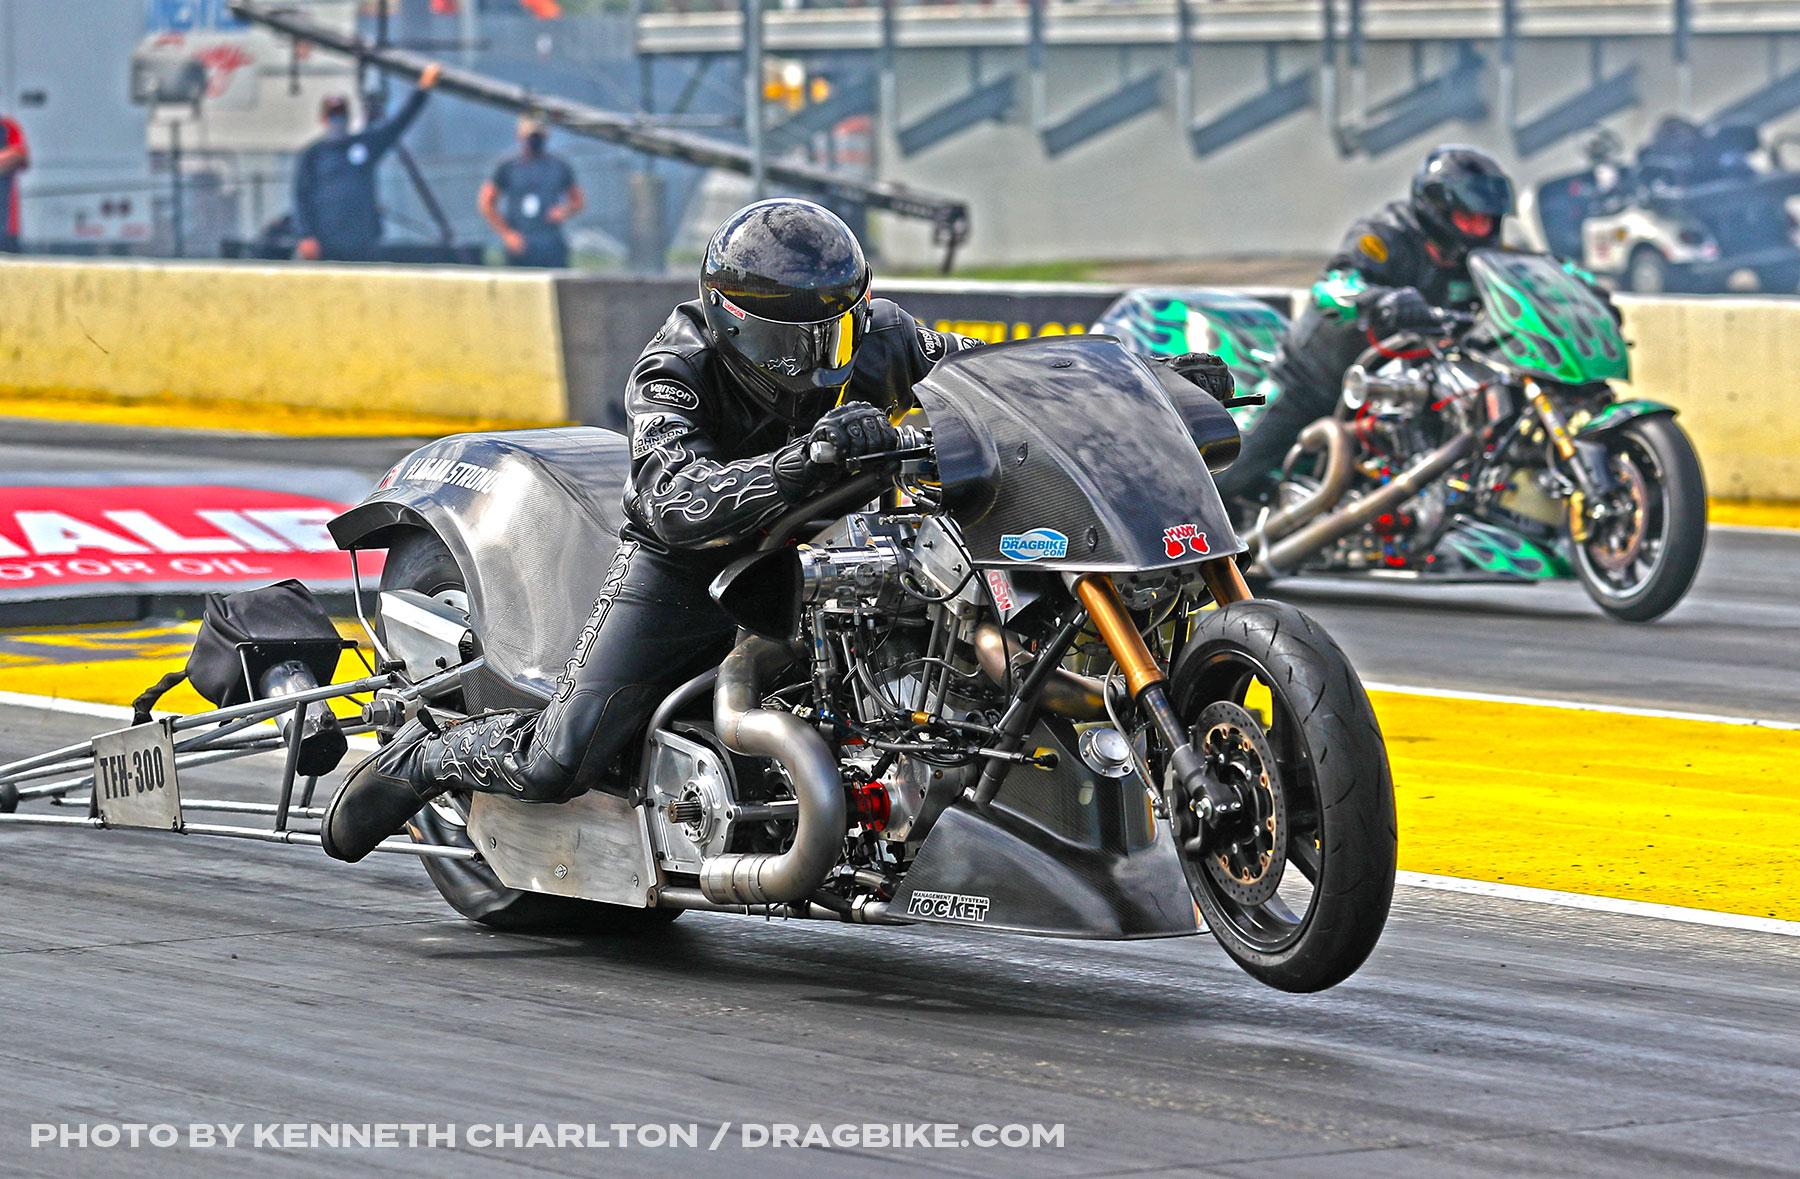 NHRA Top Fuel Harley - Ryan Peery